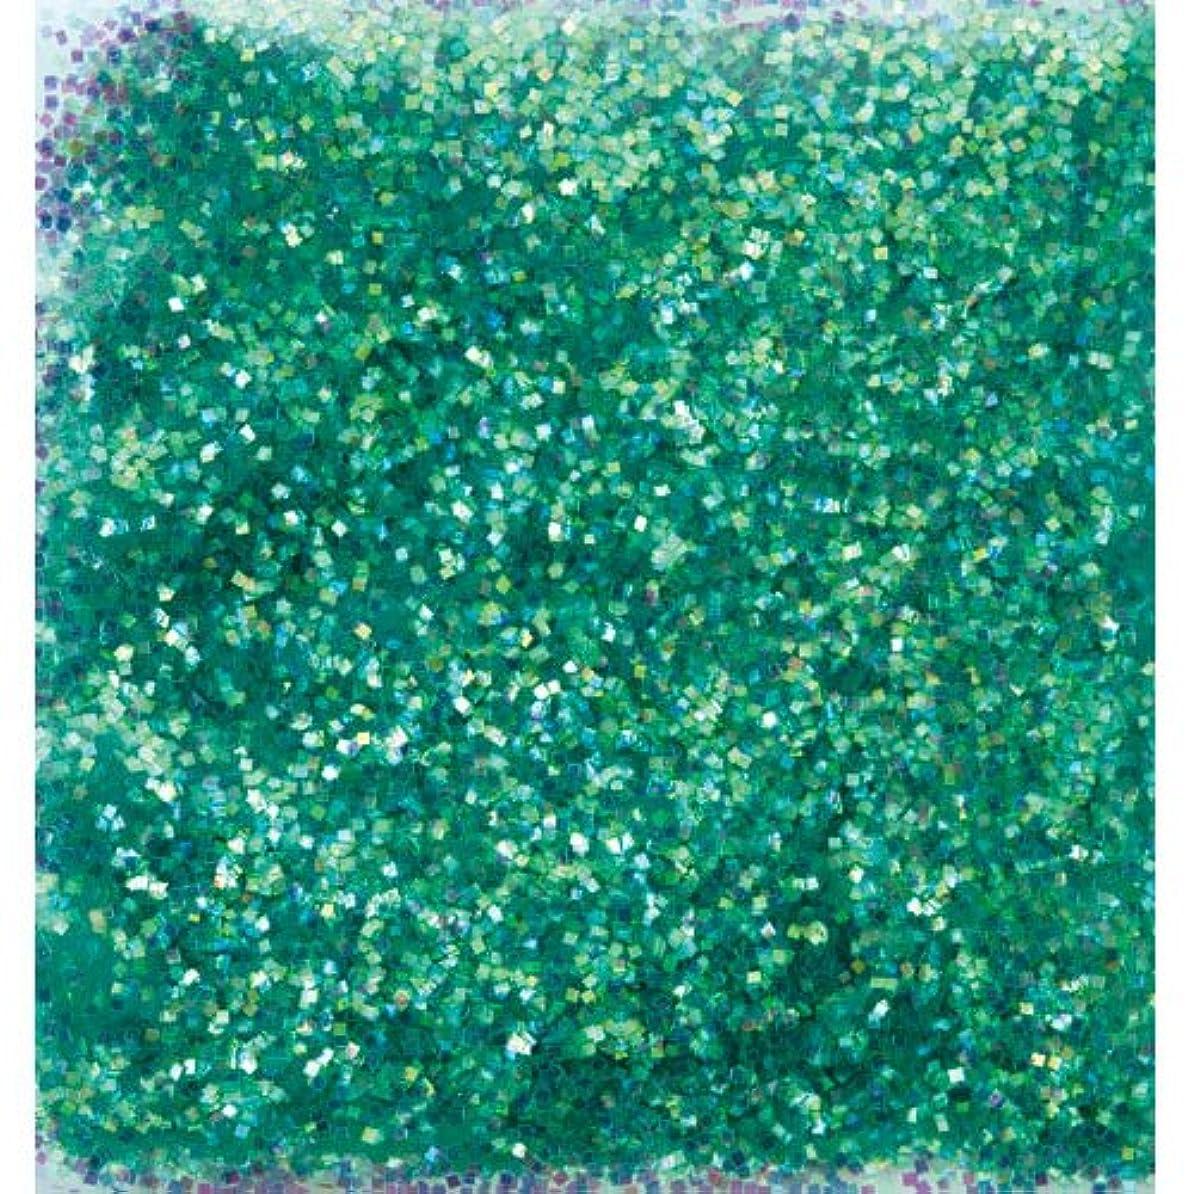 ピカエース ネイル用パウダー オーロラグリッター M #499 グリーン 1.5g